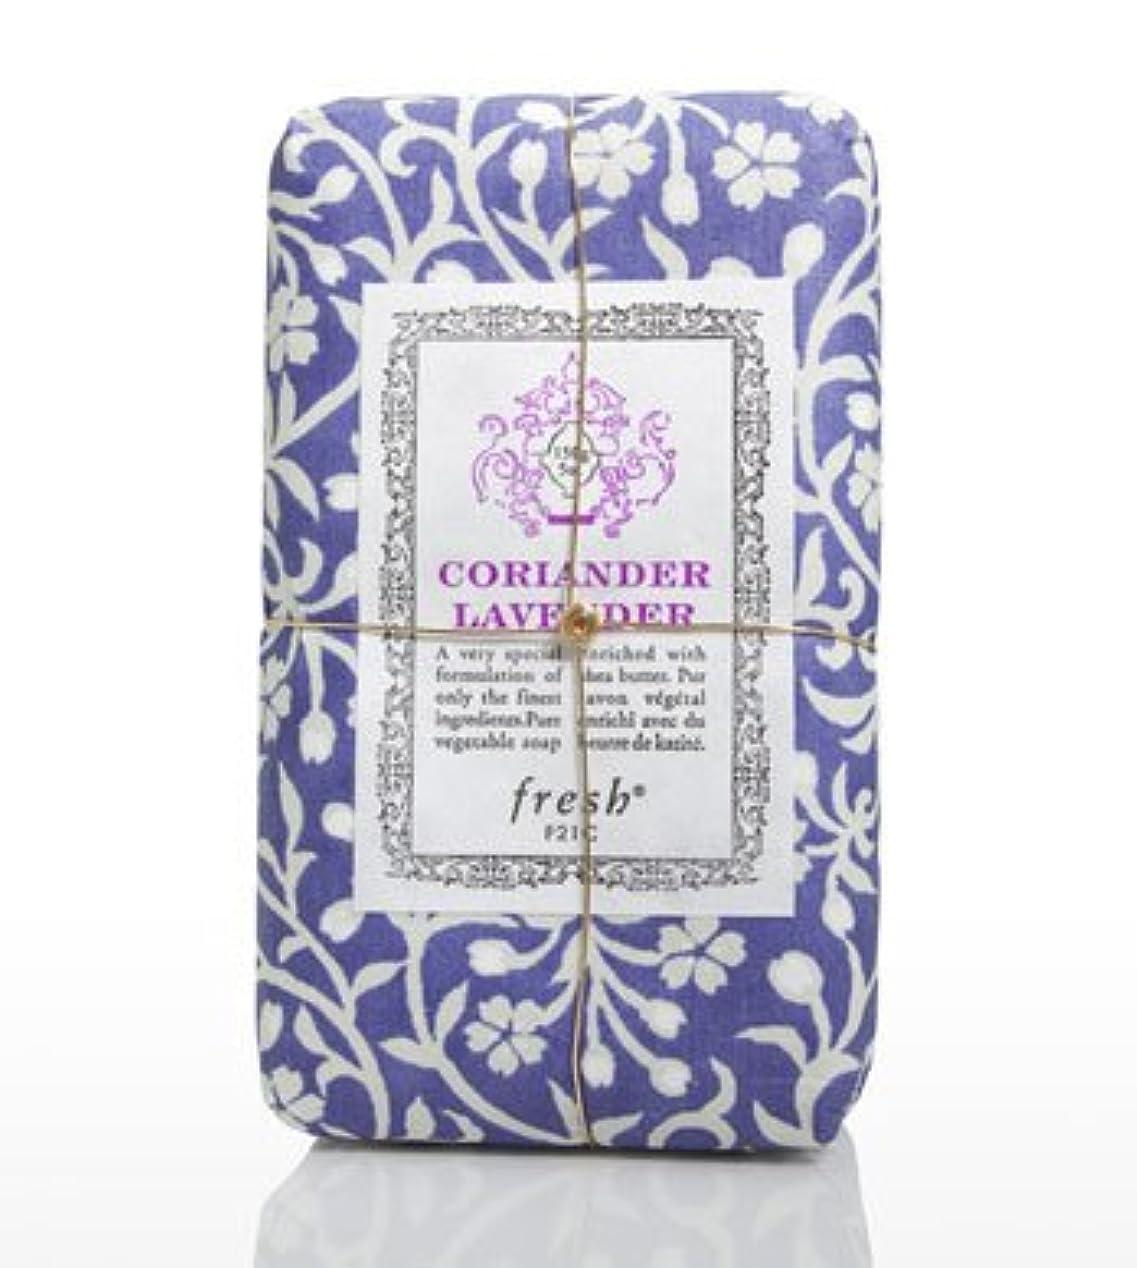 支払う均等にバンカーFresh CORIANDER LAVENDAR SOAP(フレッシュ コリアンダーラベンダー ソープ) 5.0 oz (150gl) 石鹸 by Fresh